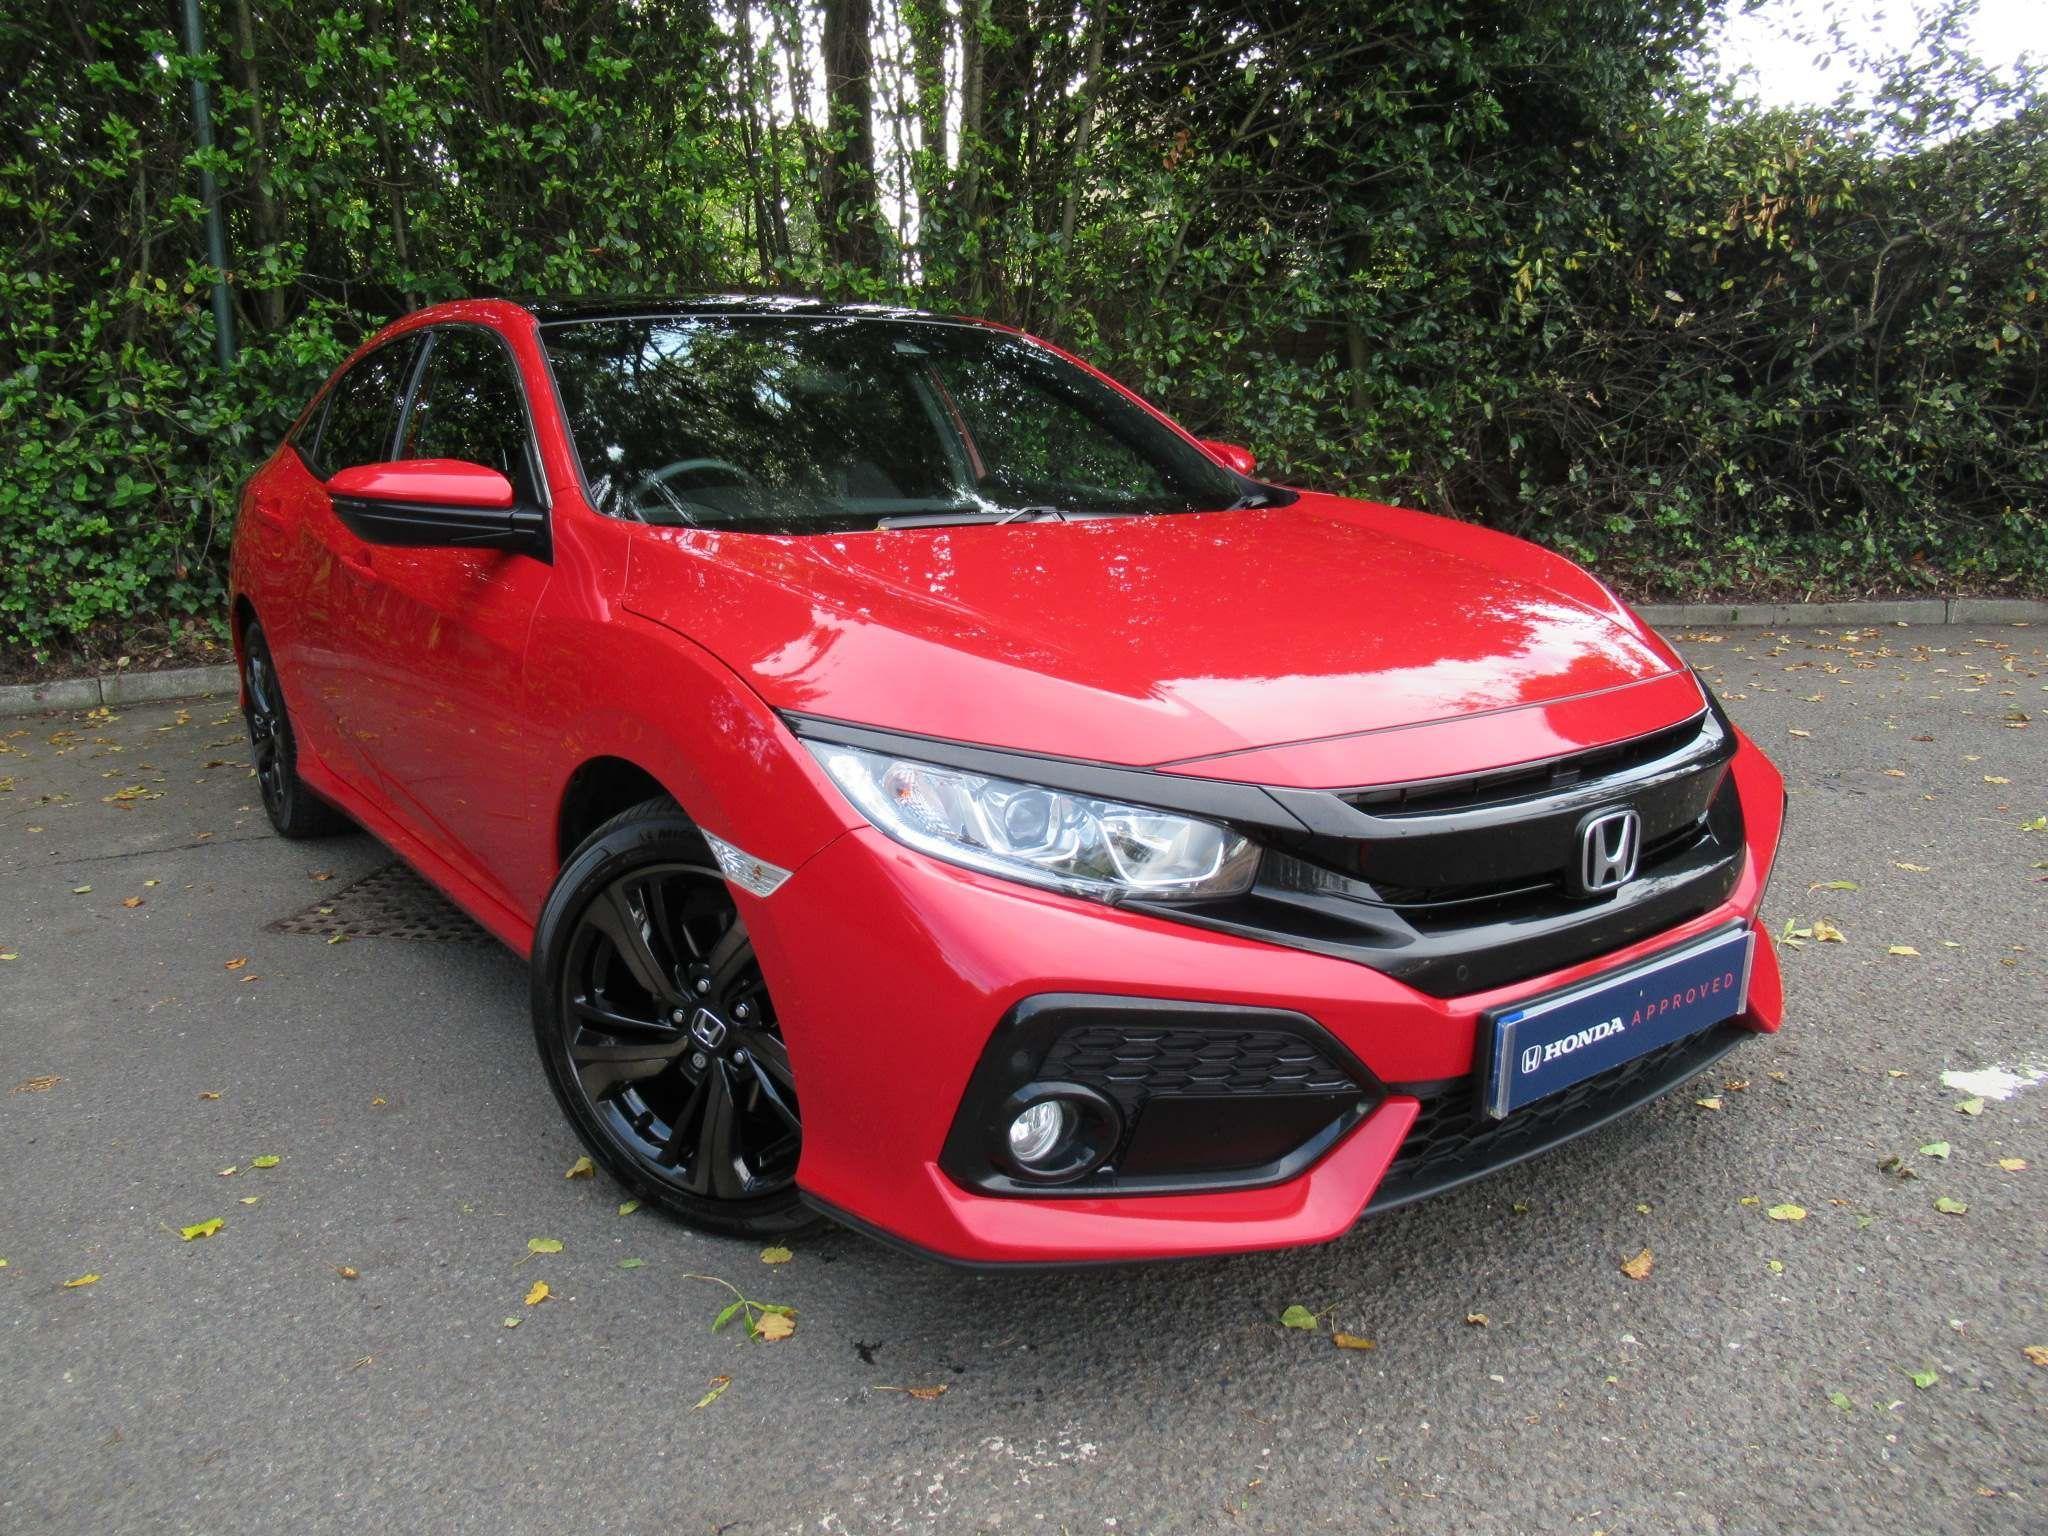 Honda Civic 1.6 i-DTEC EX Auto (s/s) 5dr